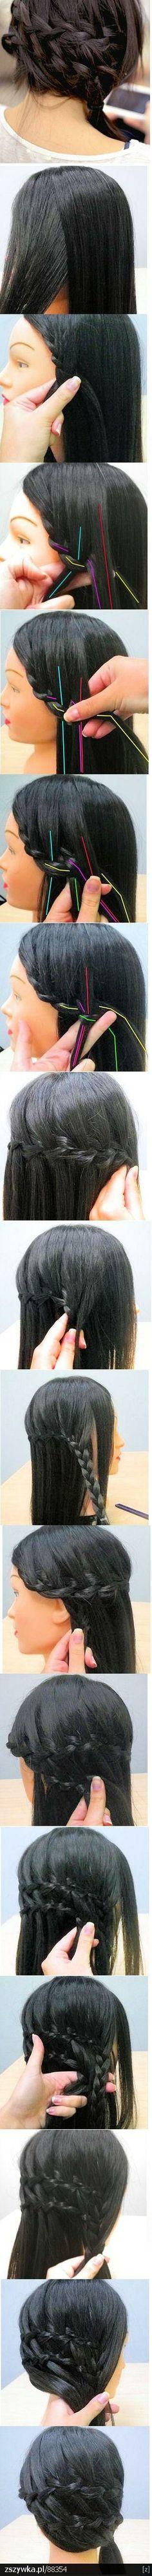 simple yet elegant hairstyle